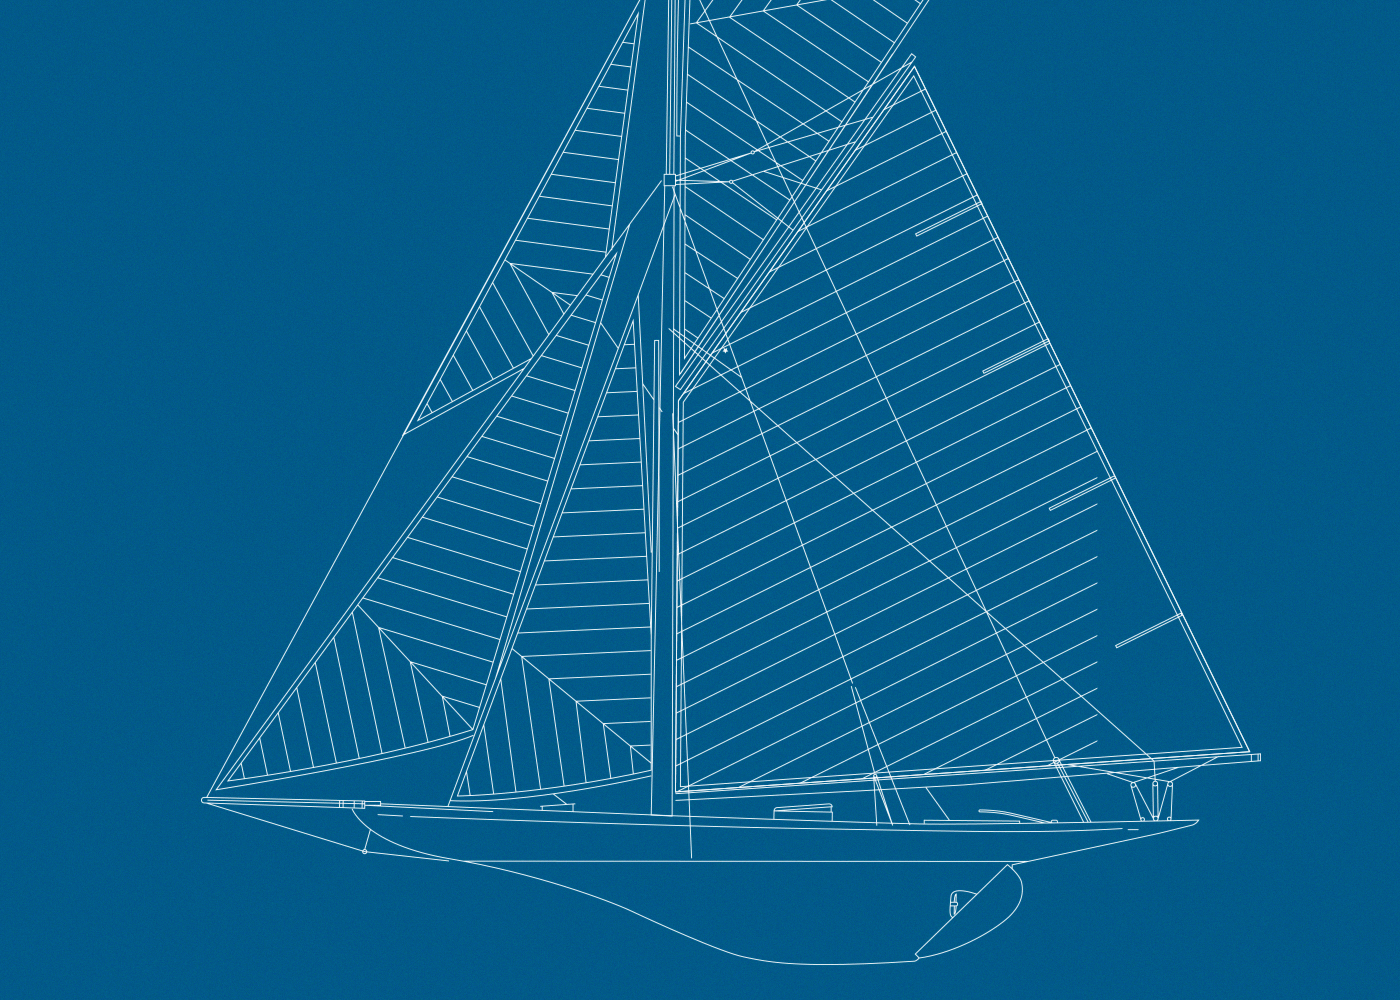 regates Saint-Tropez boat sailing ship yacht class j goélette ILLUSTRATION  VOILES sloop